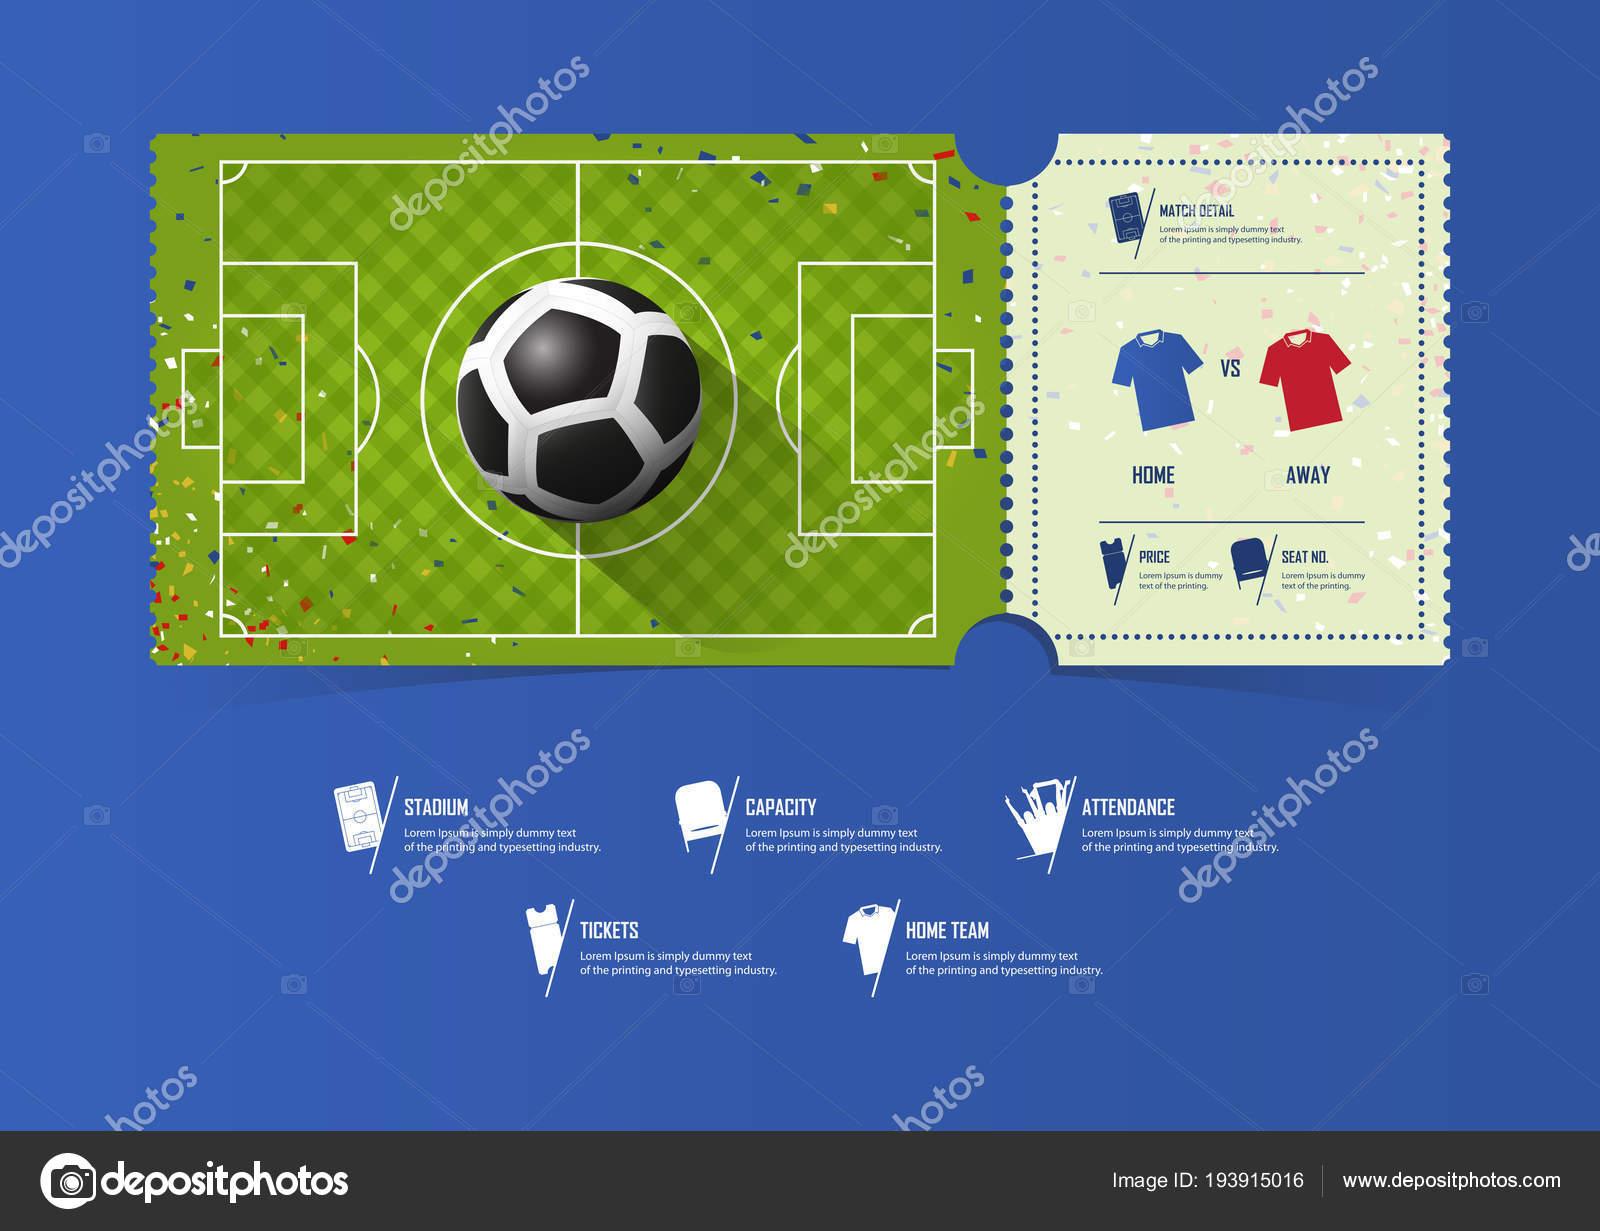 Fútbol o fútbol billete diseño de plantillas para el partido de sport.  Campo de fútbol con patrón diagonal. Balón de fútbol blanco y negro en  campo de ... 68ba6c06127b5